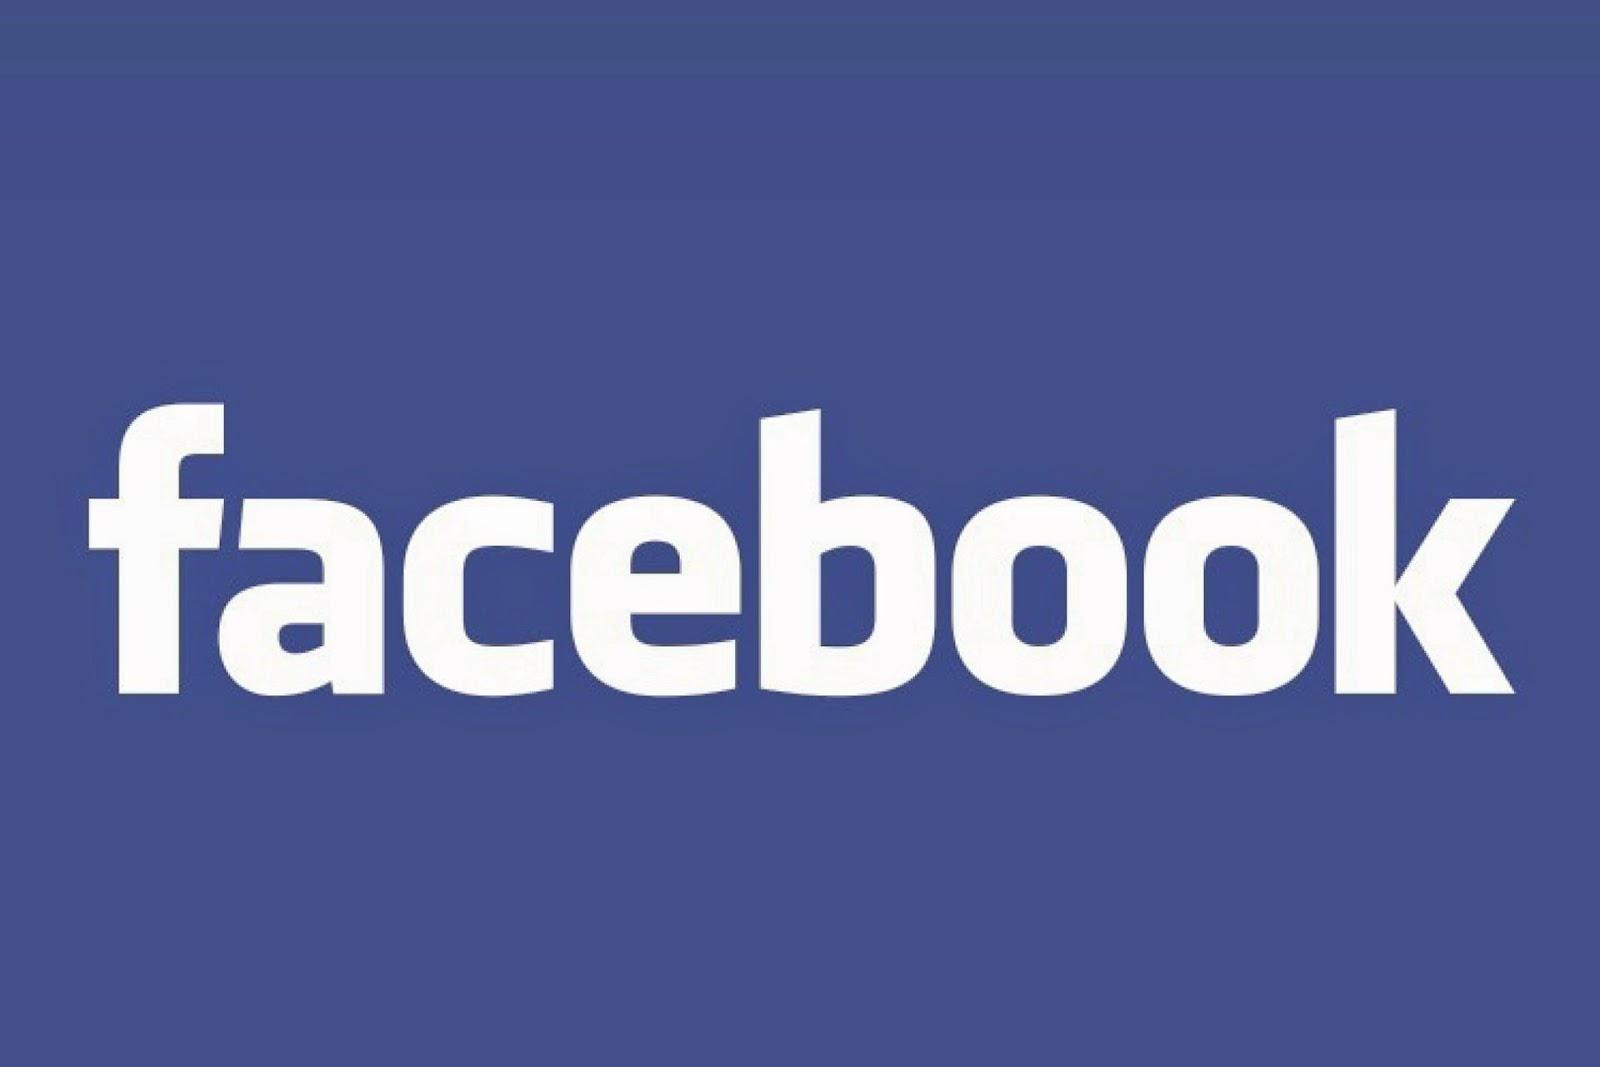 Facebook en español Inicio | Entrar | Registrarse | Android | Crear